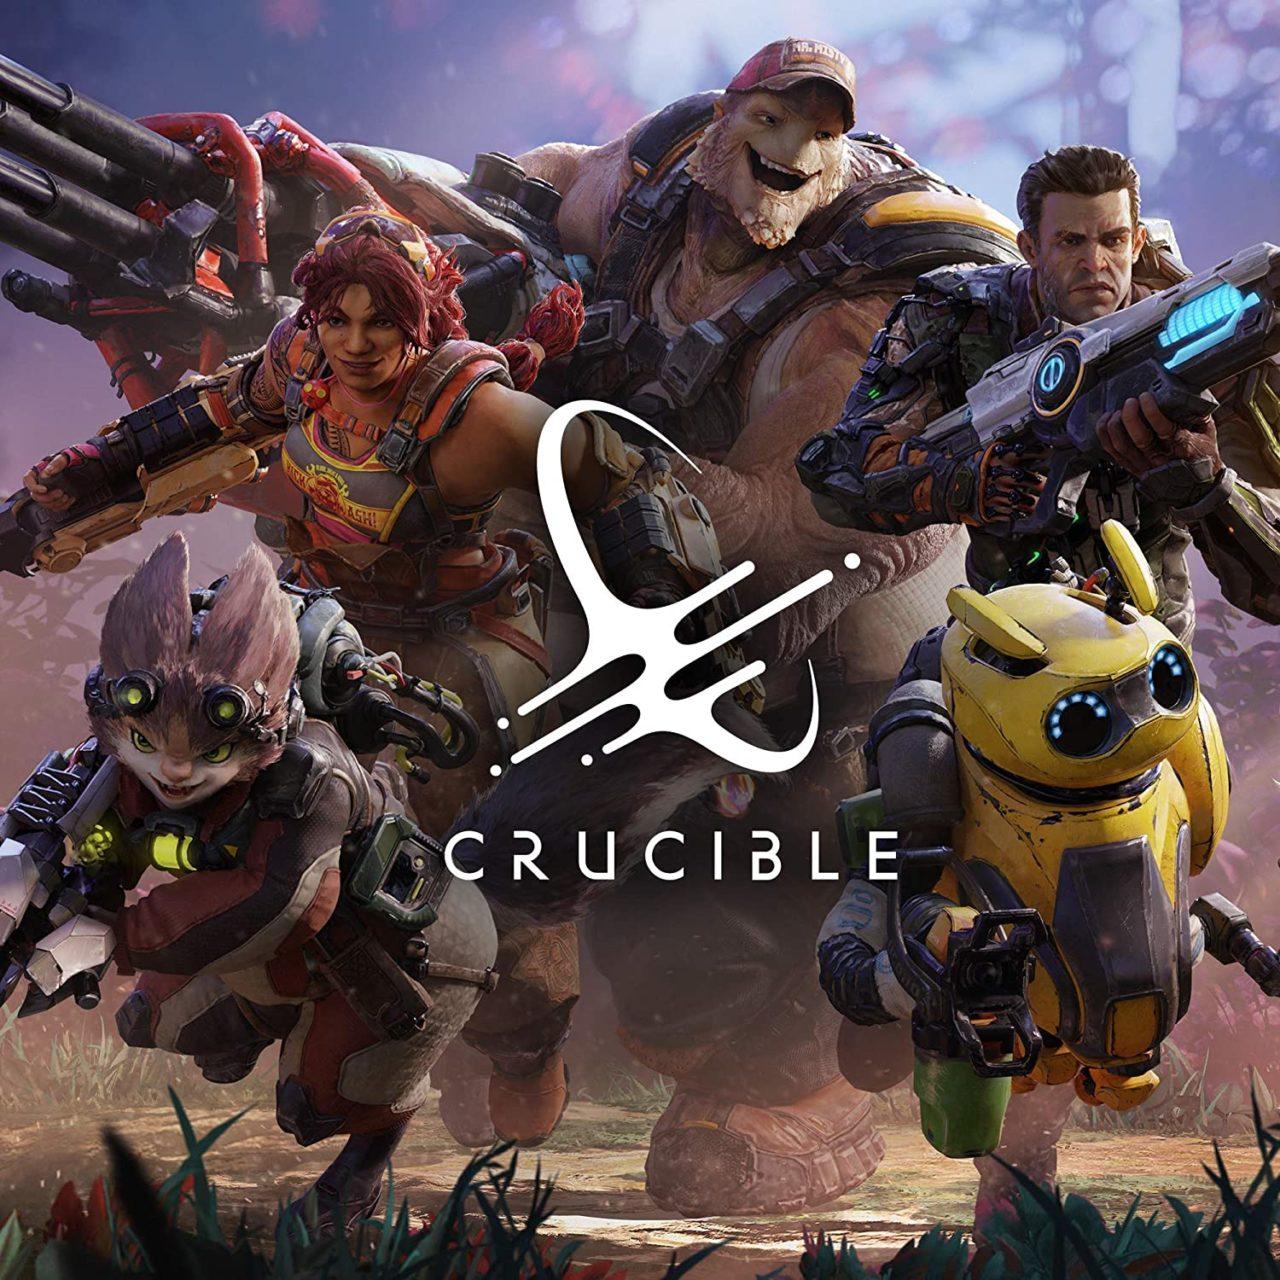 Anche Amazon ha il suo sparatutto: Crucible è finalmente disponibile al download (video)